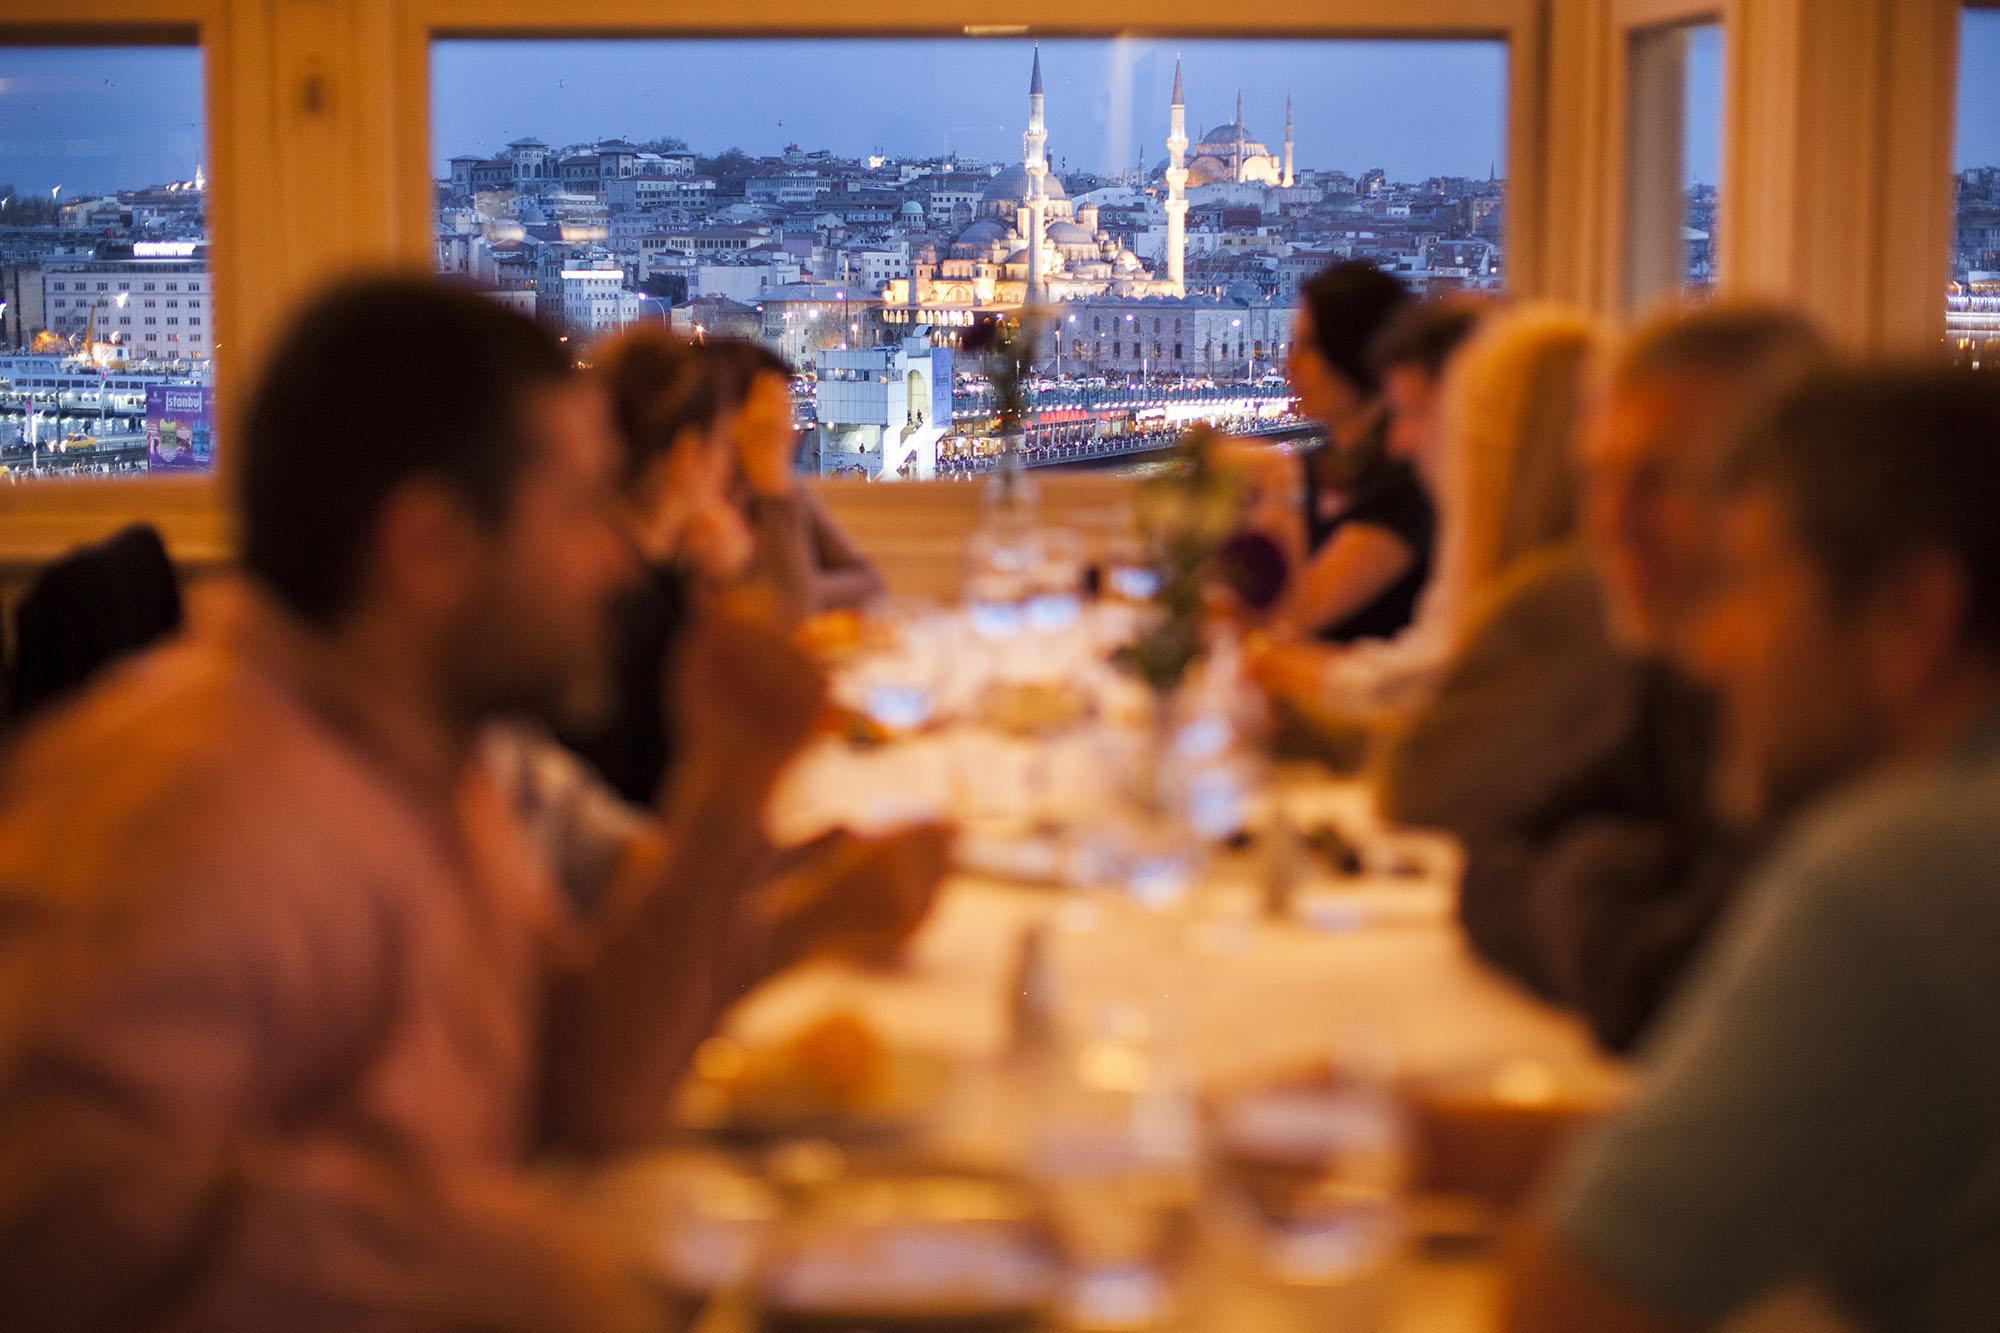 """Fotoğraf: Sinan Çakmak.  """"İstanbul Meyhaneleri: Vuslatın Başka Alem"""" Belgeseli'nden alınmıştır."""